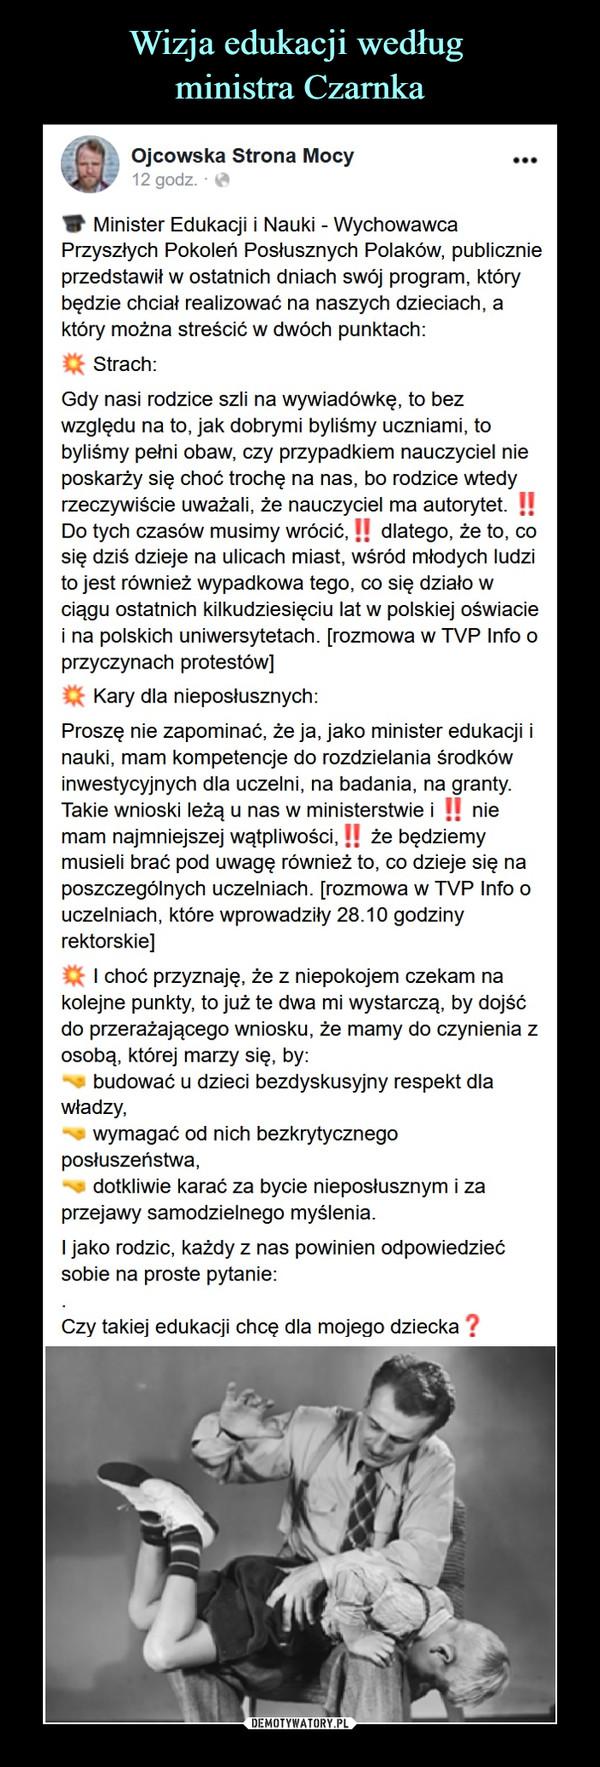 –  Ojcowska Strona MocyV Minister Edukacji ( Nauki - WychowawcaPrzyszłych Pokoleń Posłusznych Polaków, publicznieprzedstawił w ostatnich dniach swój program, którybędzie chciał realizować na naszych dzieciach, aktóry można streścić w dwóch punktach:Q Strach:Gdy nasi rodzice szli na wywiadówkę. lo bezwzględu na to. jak dobrymi byliśmy uczniami, tobyliśmy pełni obaw. czy przypadkiem nauczyciel nieposkarży się choć trochę na nas. bo rodzice wtedyrzeczywiście uważali, że nauczyciel ma autorytet. !!Do tych czasów musimy wrócić.!   dlatego, że to. cosię dziś dzieje na ulicach miast, wśród młodych ludzito jest również wypadkowa tego. co się działo wciągu ostatnich kilkudziesięciu lat w polskiej oświaciei na polskich uniwersytetach, [rozmowa w TVP Into oprzyczynach protestów]Q Kary dla nieposłusznych:Proszę nie zapominać, że ja. jako minister edukacji inauki, mam kompetencje do rozdzielania środkówinwestycyjnych dla uczelni, na badania, na granty.Takie wnioski leżą u nas w ministerstwie i !! niemam najmniejszej wątpliwości. H że będziemymusieli brać pod uwagę również to. co dzieje się naposzczególnych uczelniach, (rozmowa w TVP Into ouczelniach, które wprowadziły 28.10 godzinyrektorskie)Cfc I choć przyznaję, że z niepokojem czekam nakolejne punkty, to już te dwa mi wystarczą, by dojśćdo przerażającego wniosku, że mamy do czynienia zosobą, klórej marzy się. by:budować u dzieci bezdyskusyjny respekt dlawładzy.wymagać od nich bezkrytycznegoposłuszeństwa.dotkliwie karać za bycie nieposłusznym i zaprzejawy samodzielnego myślenia.I jako rodzic, każdy z nas powinien odpowiedziećsobie na proste pytanie:Czy takiej edukacji chcę dla mojego dziecka ?